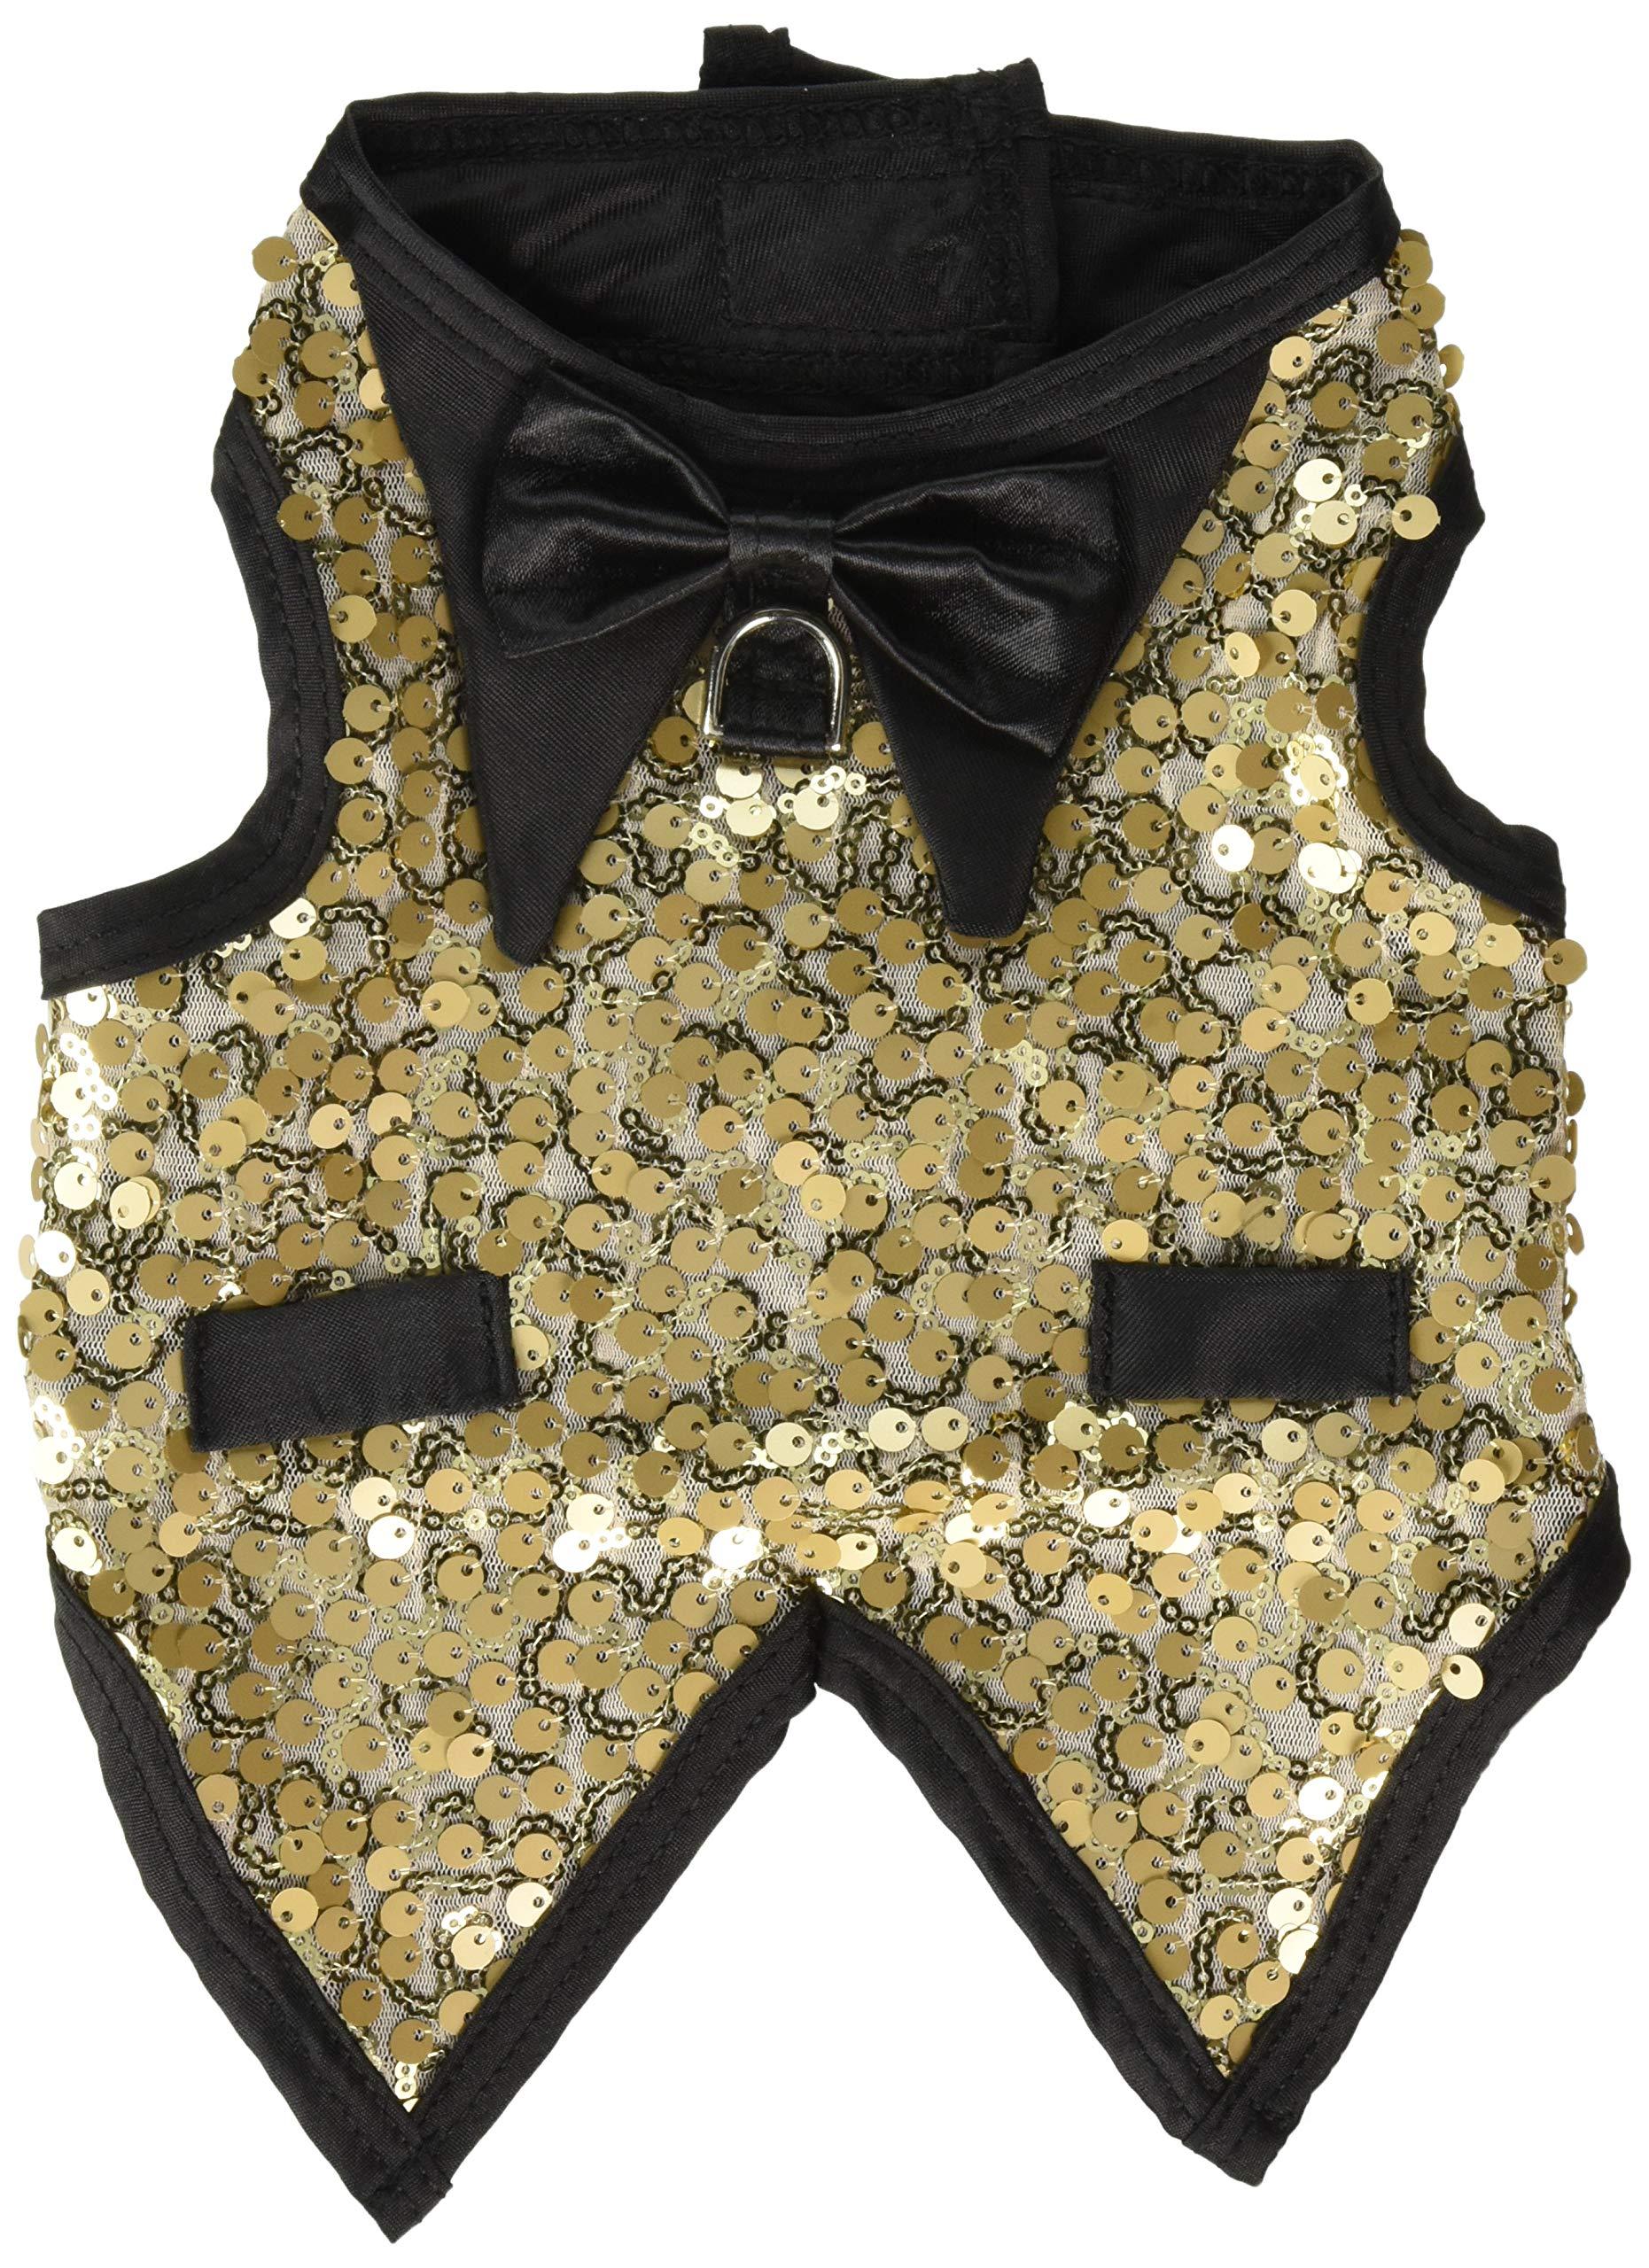 Gentleman's Dog Tuxedo, Lt. Gold Sequins (S)